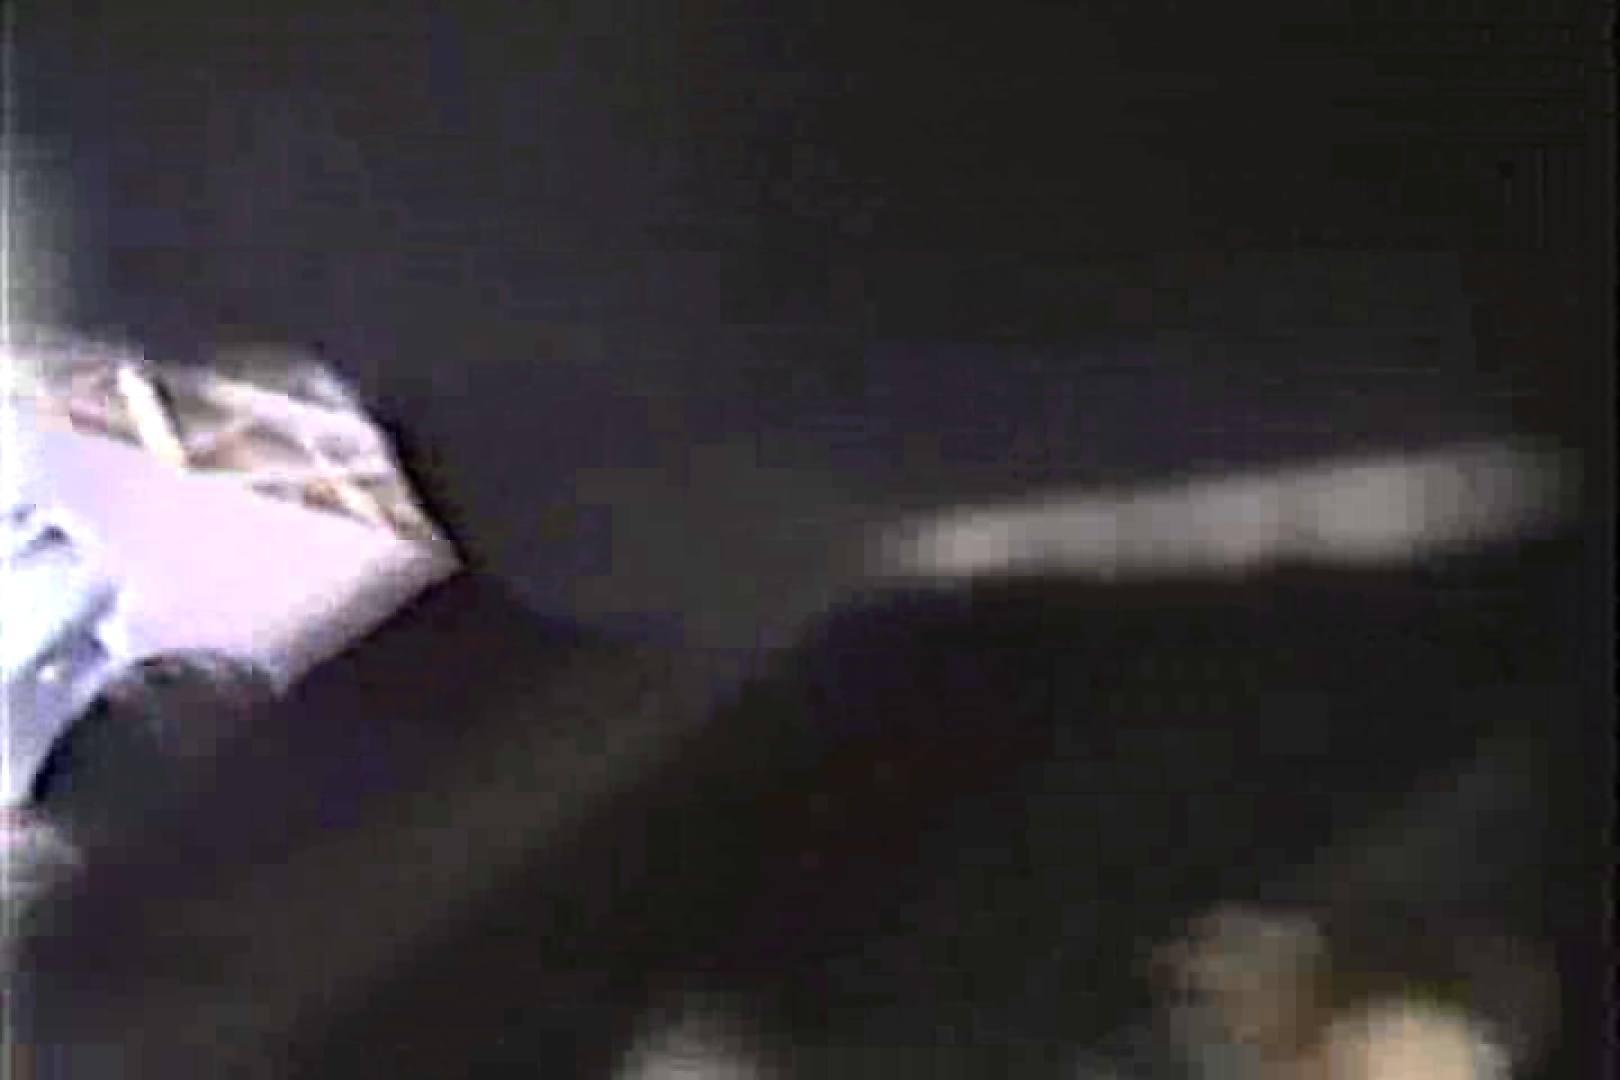 「ちくりん」さんのオリジナル未編集パンチラVol.4_02 美しいOLの裸体 すけべAV動画紹介 87pic 27